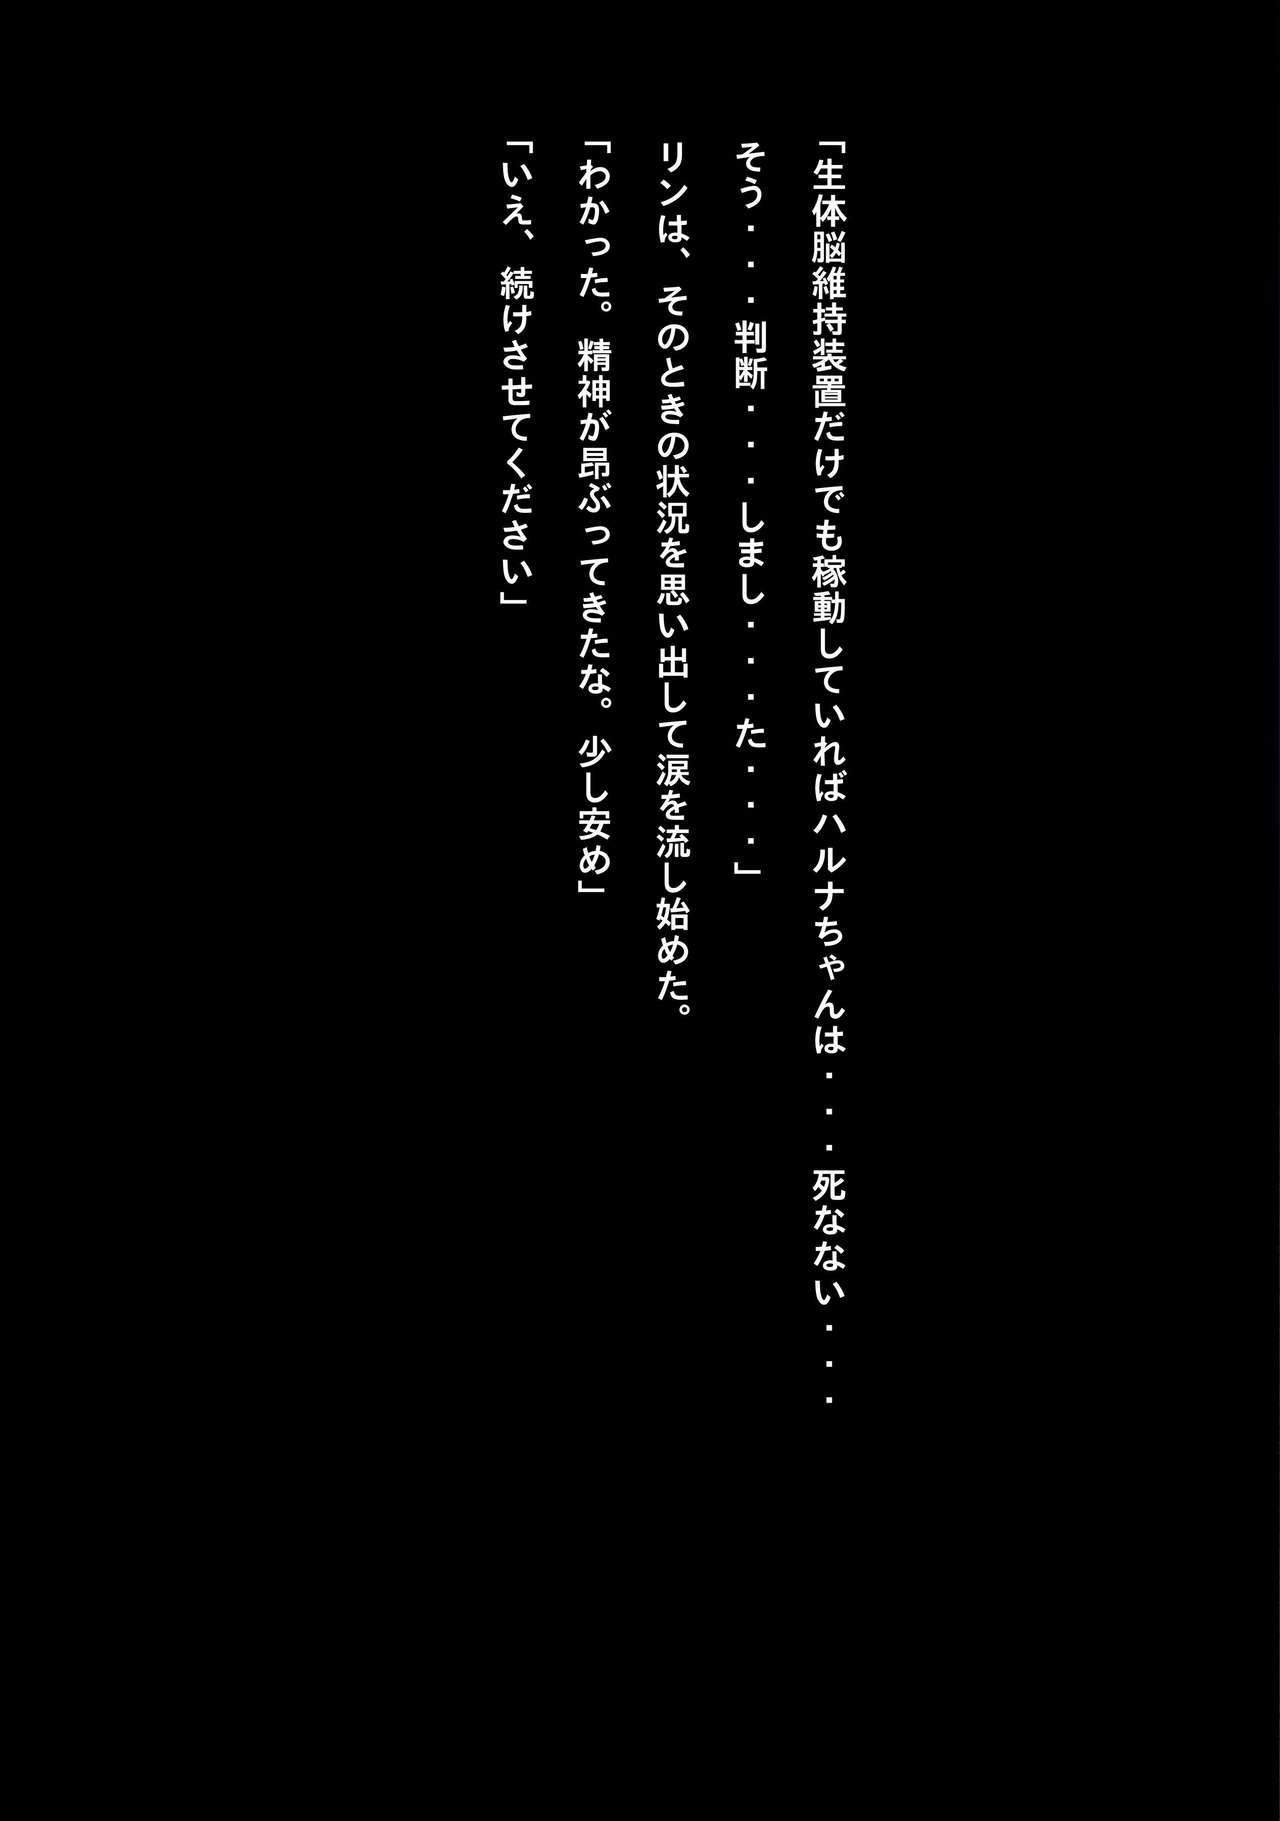 Idol Cyber Battle NEO GENERATOR episode 3 Seisan! Shi o kakugo shita shunkan 22